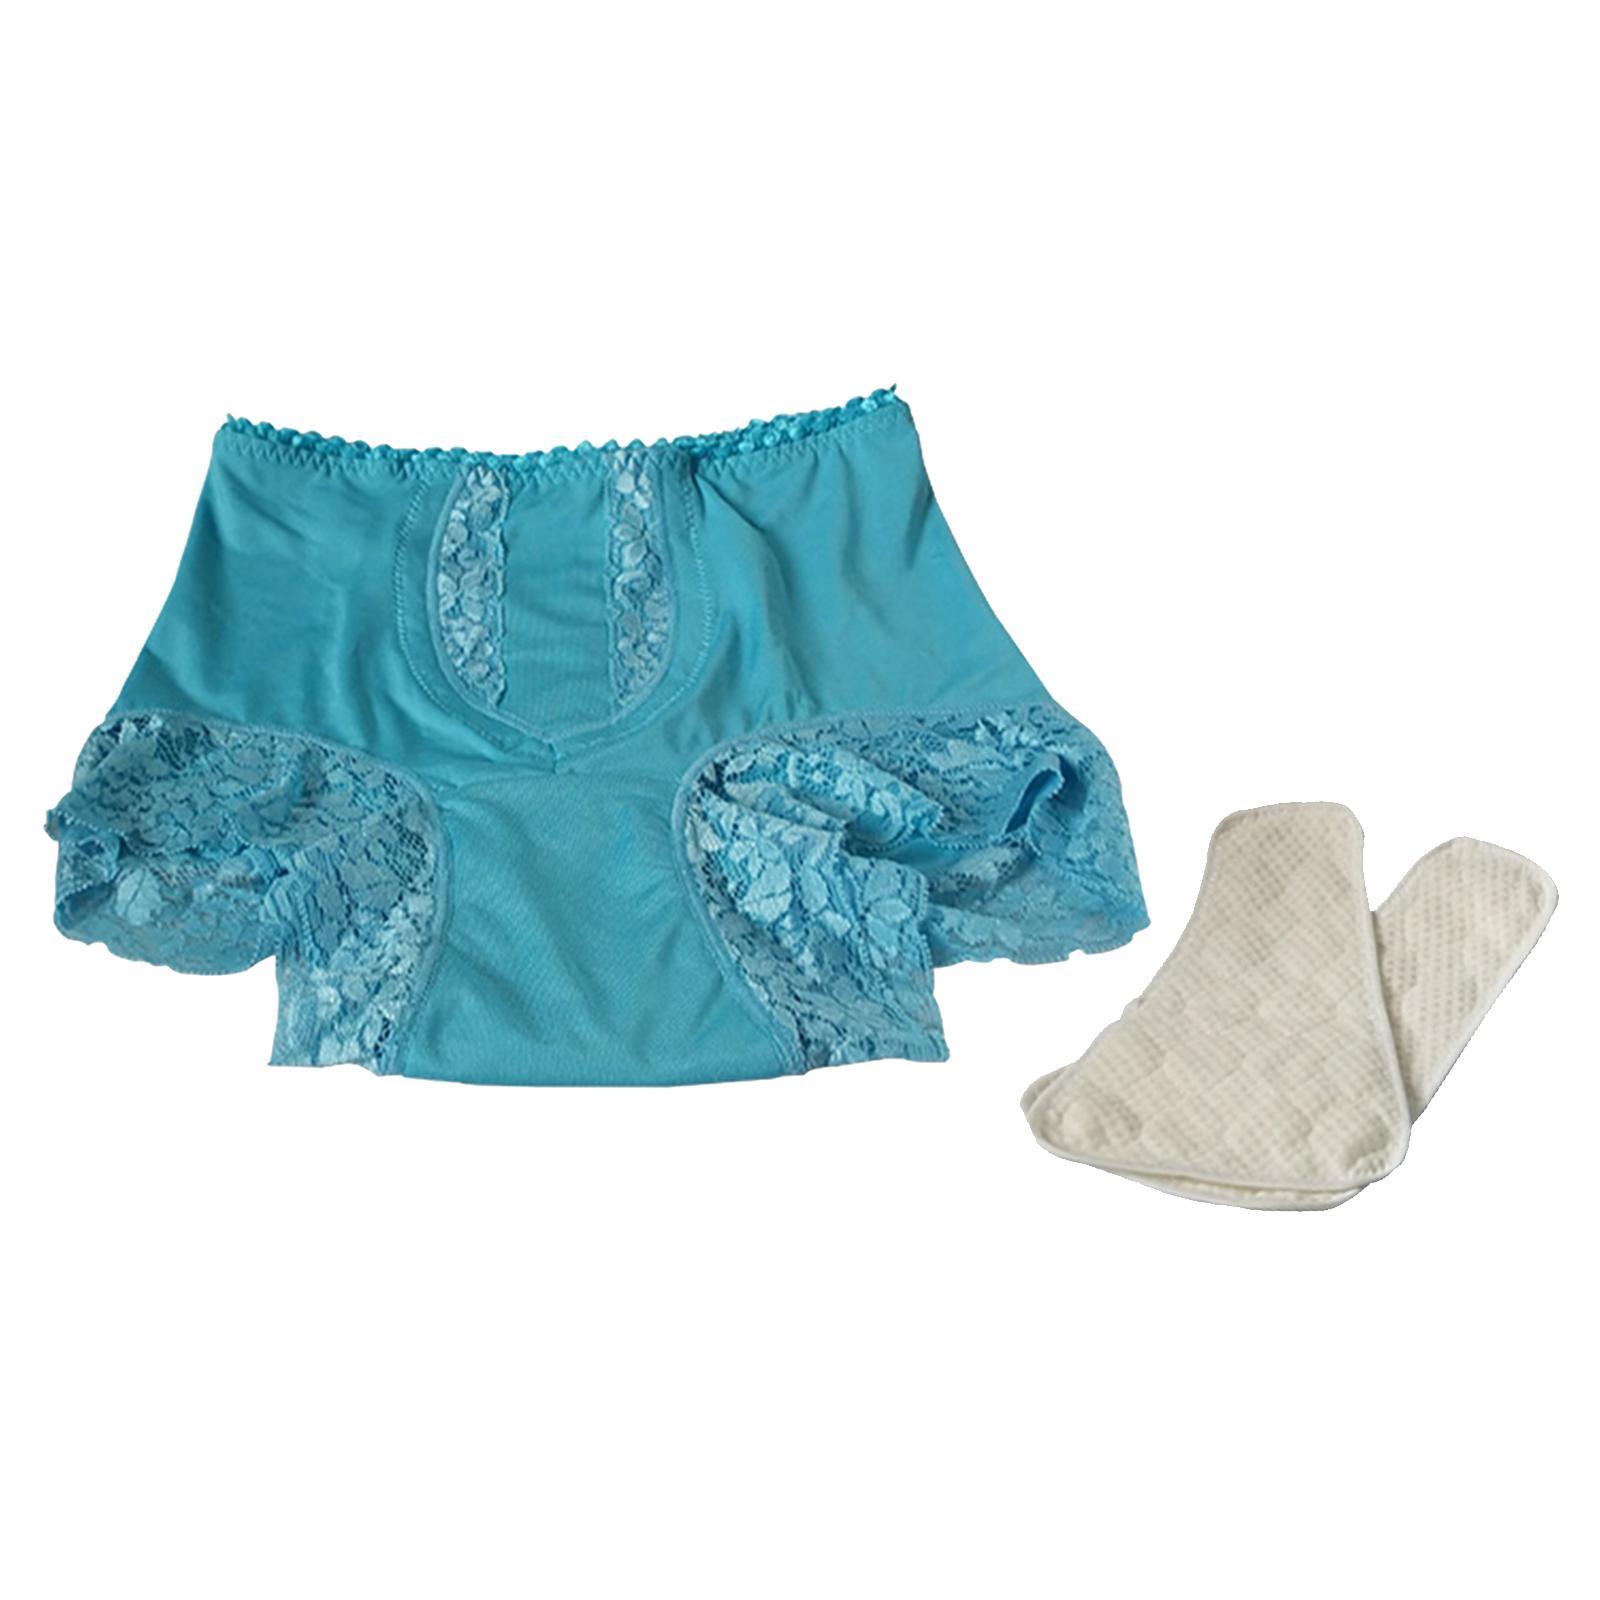 Indexbild 46 - Wiederverwendbare Inkontinenz Unterwäsche mit Pad für Frauen Menstruations